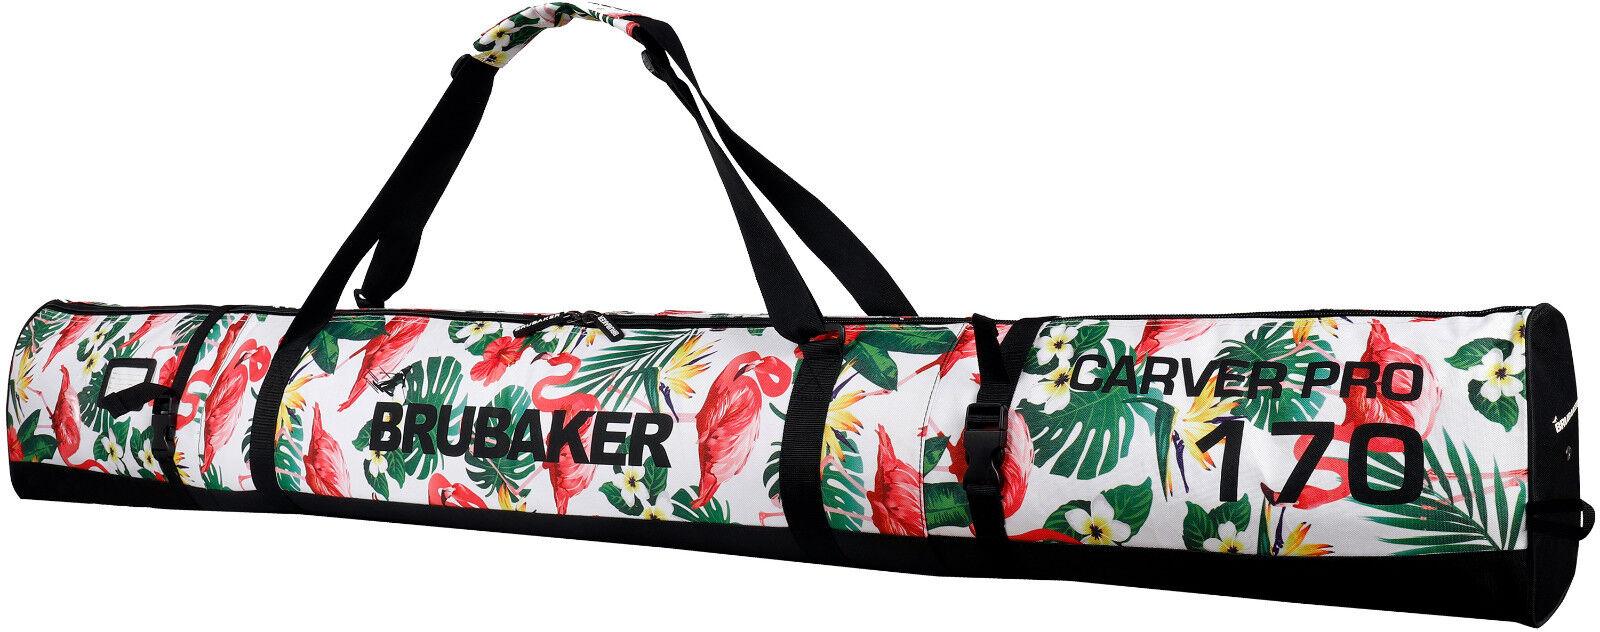 BRUBAKER 'Spotlight' Single Ski Bag Padded for 1 Pair of Skis 170 cm - Flamingos